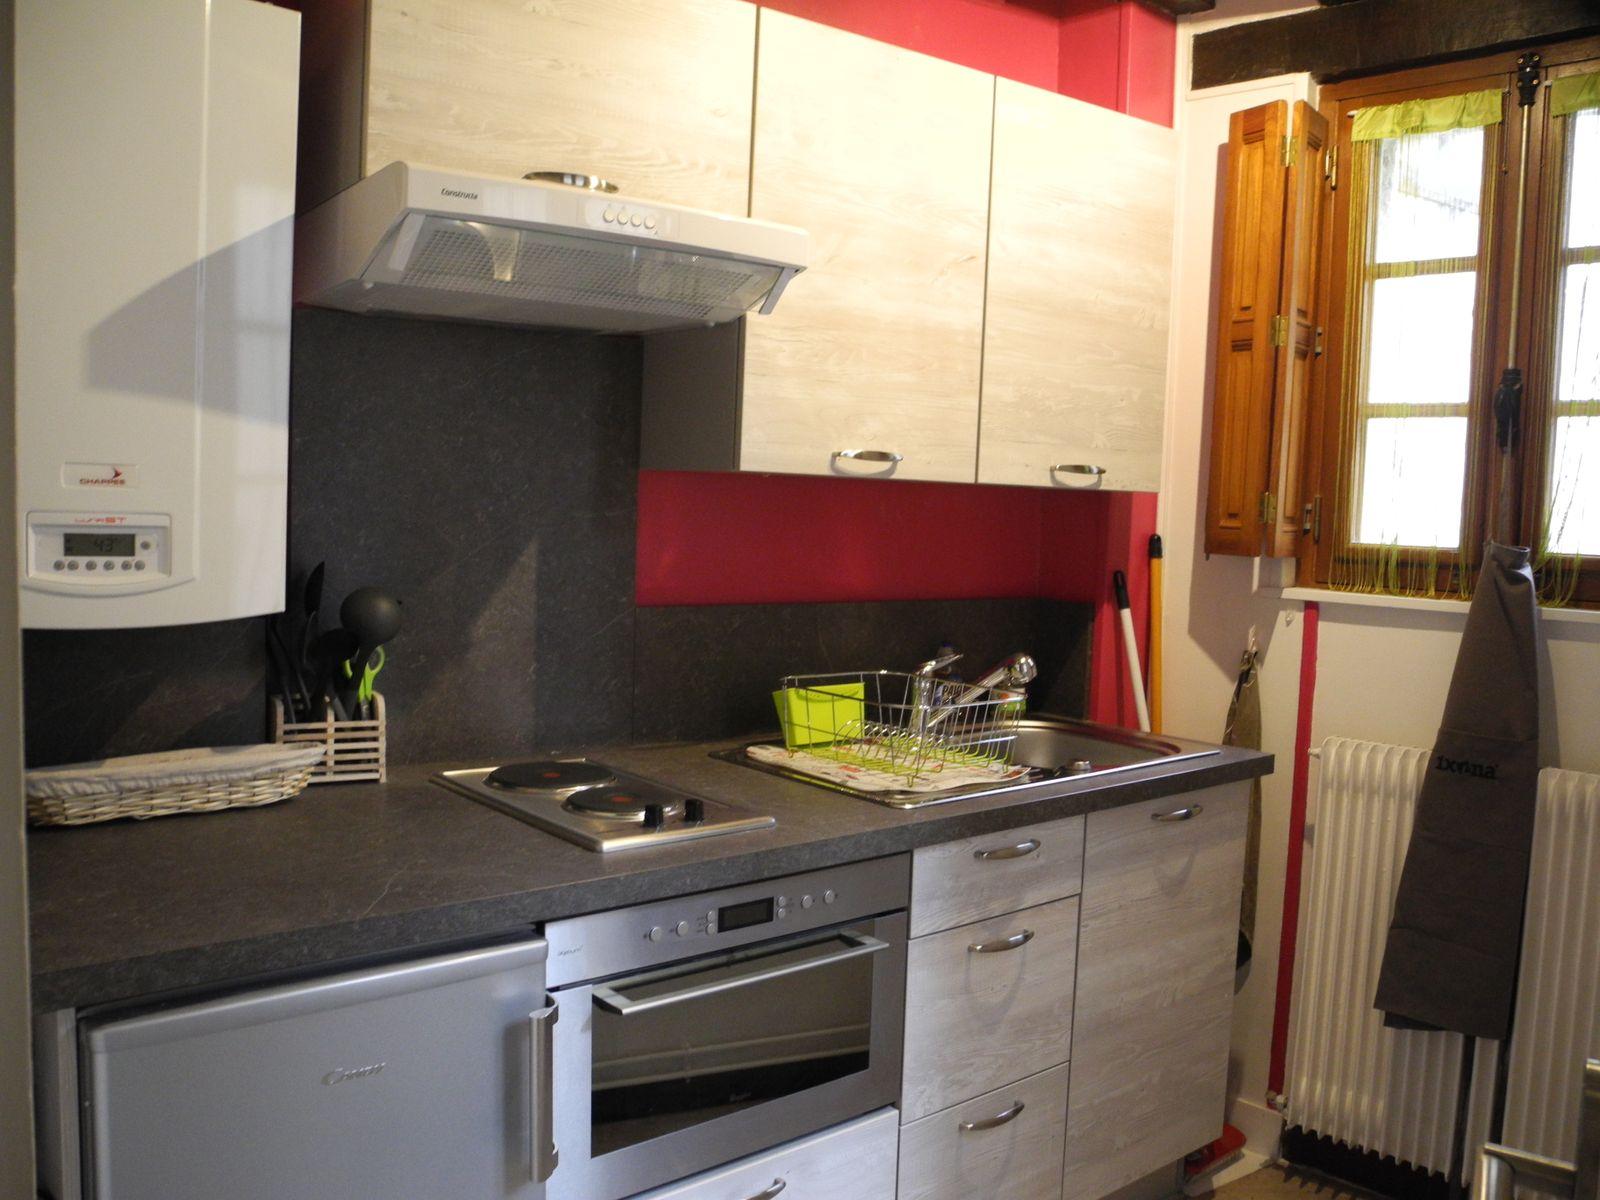 La cuisine est complète (machine à café et dosettes fournies). Torchons fournis